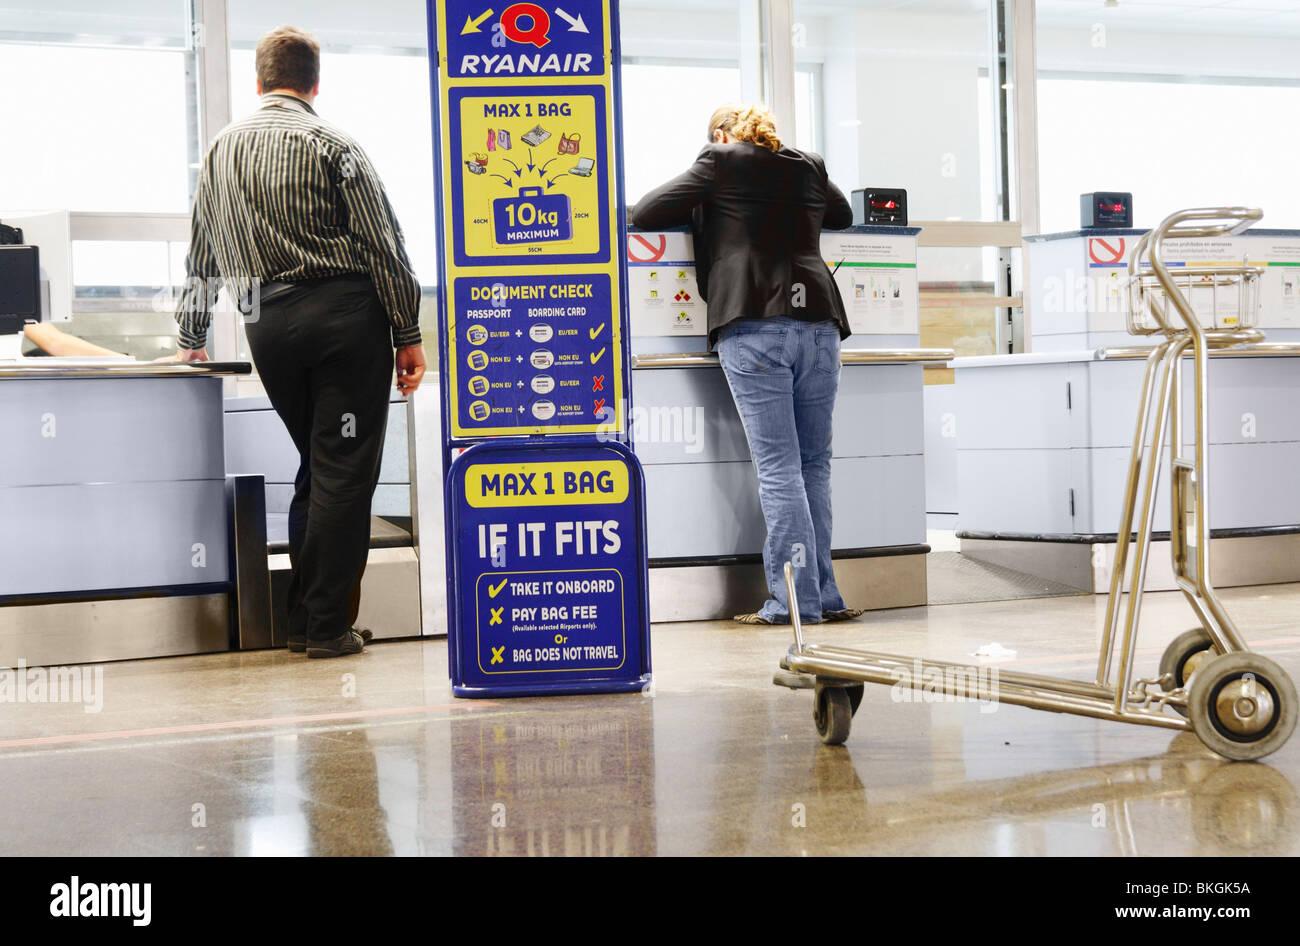 Ryanir check-in at airport terminal - Stock Image